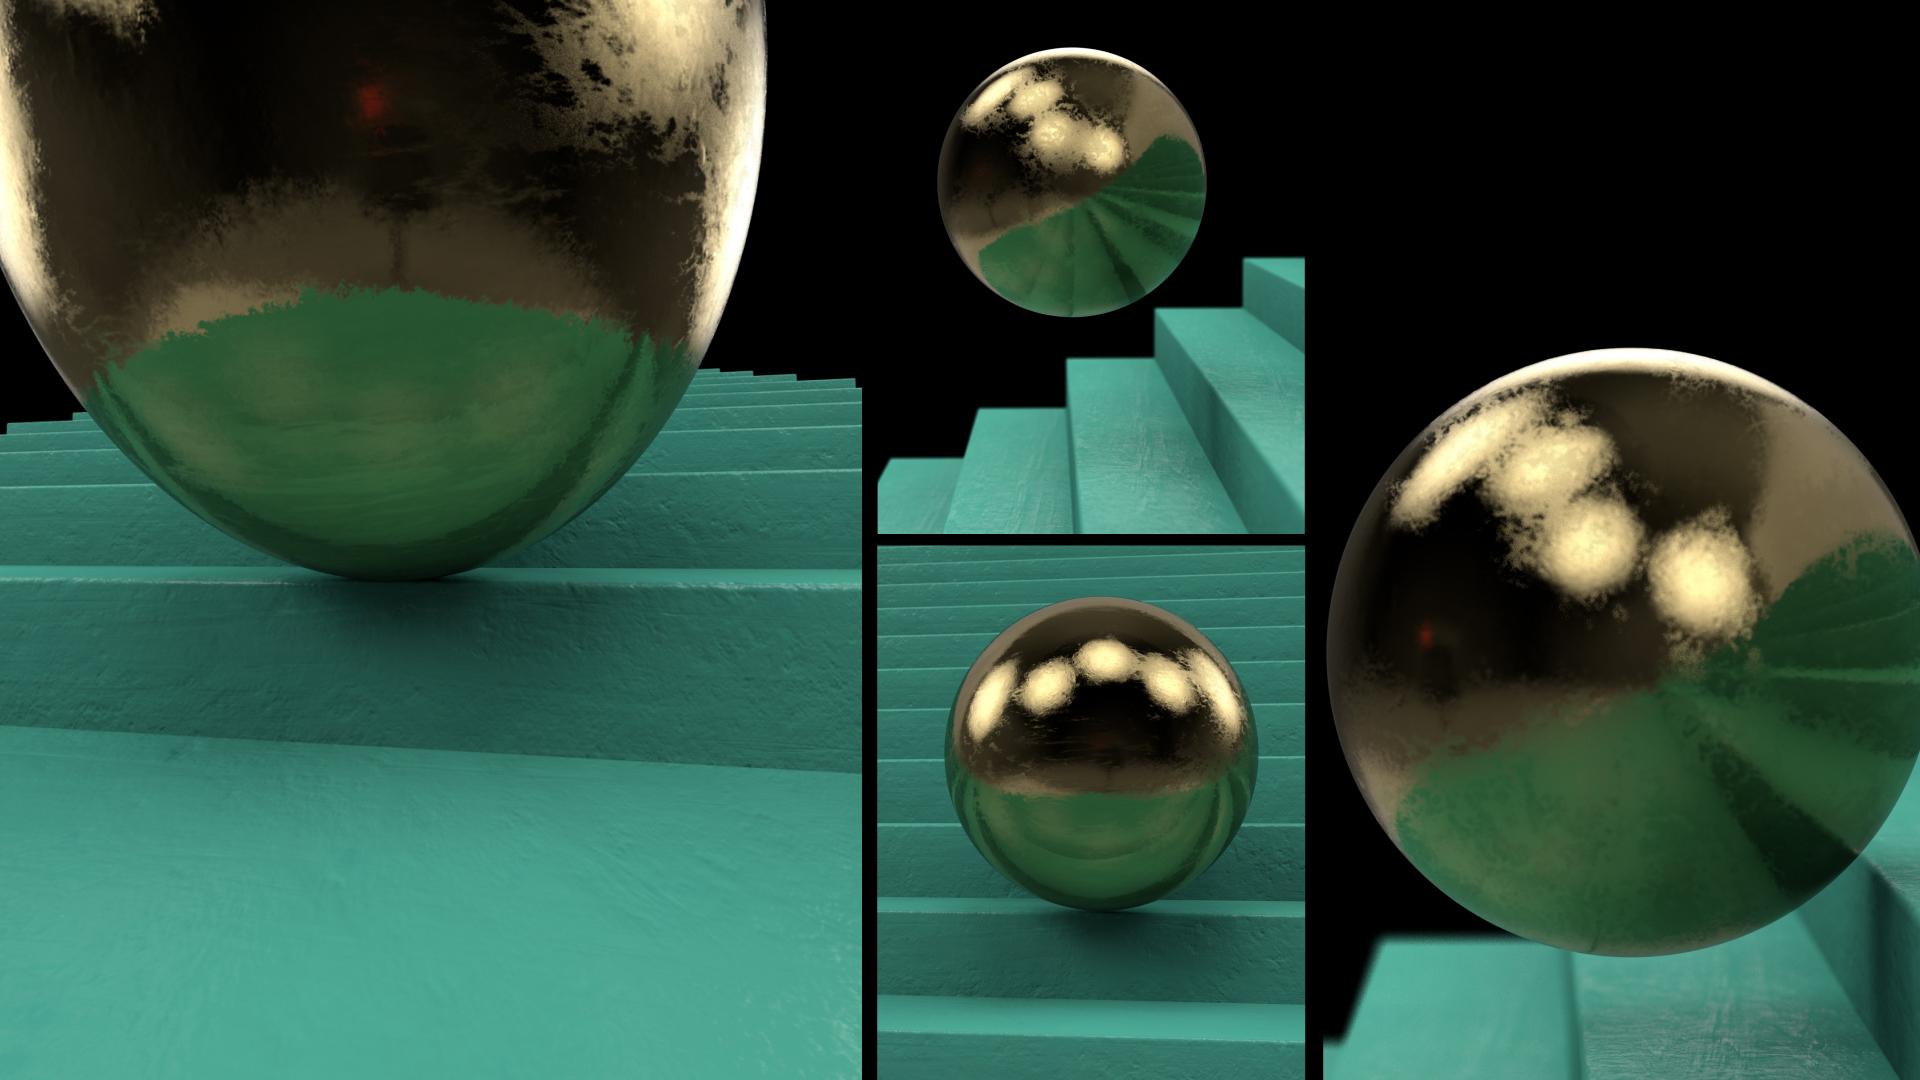 Videoclip - Motion 3D